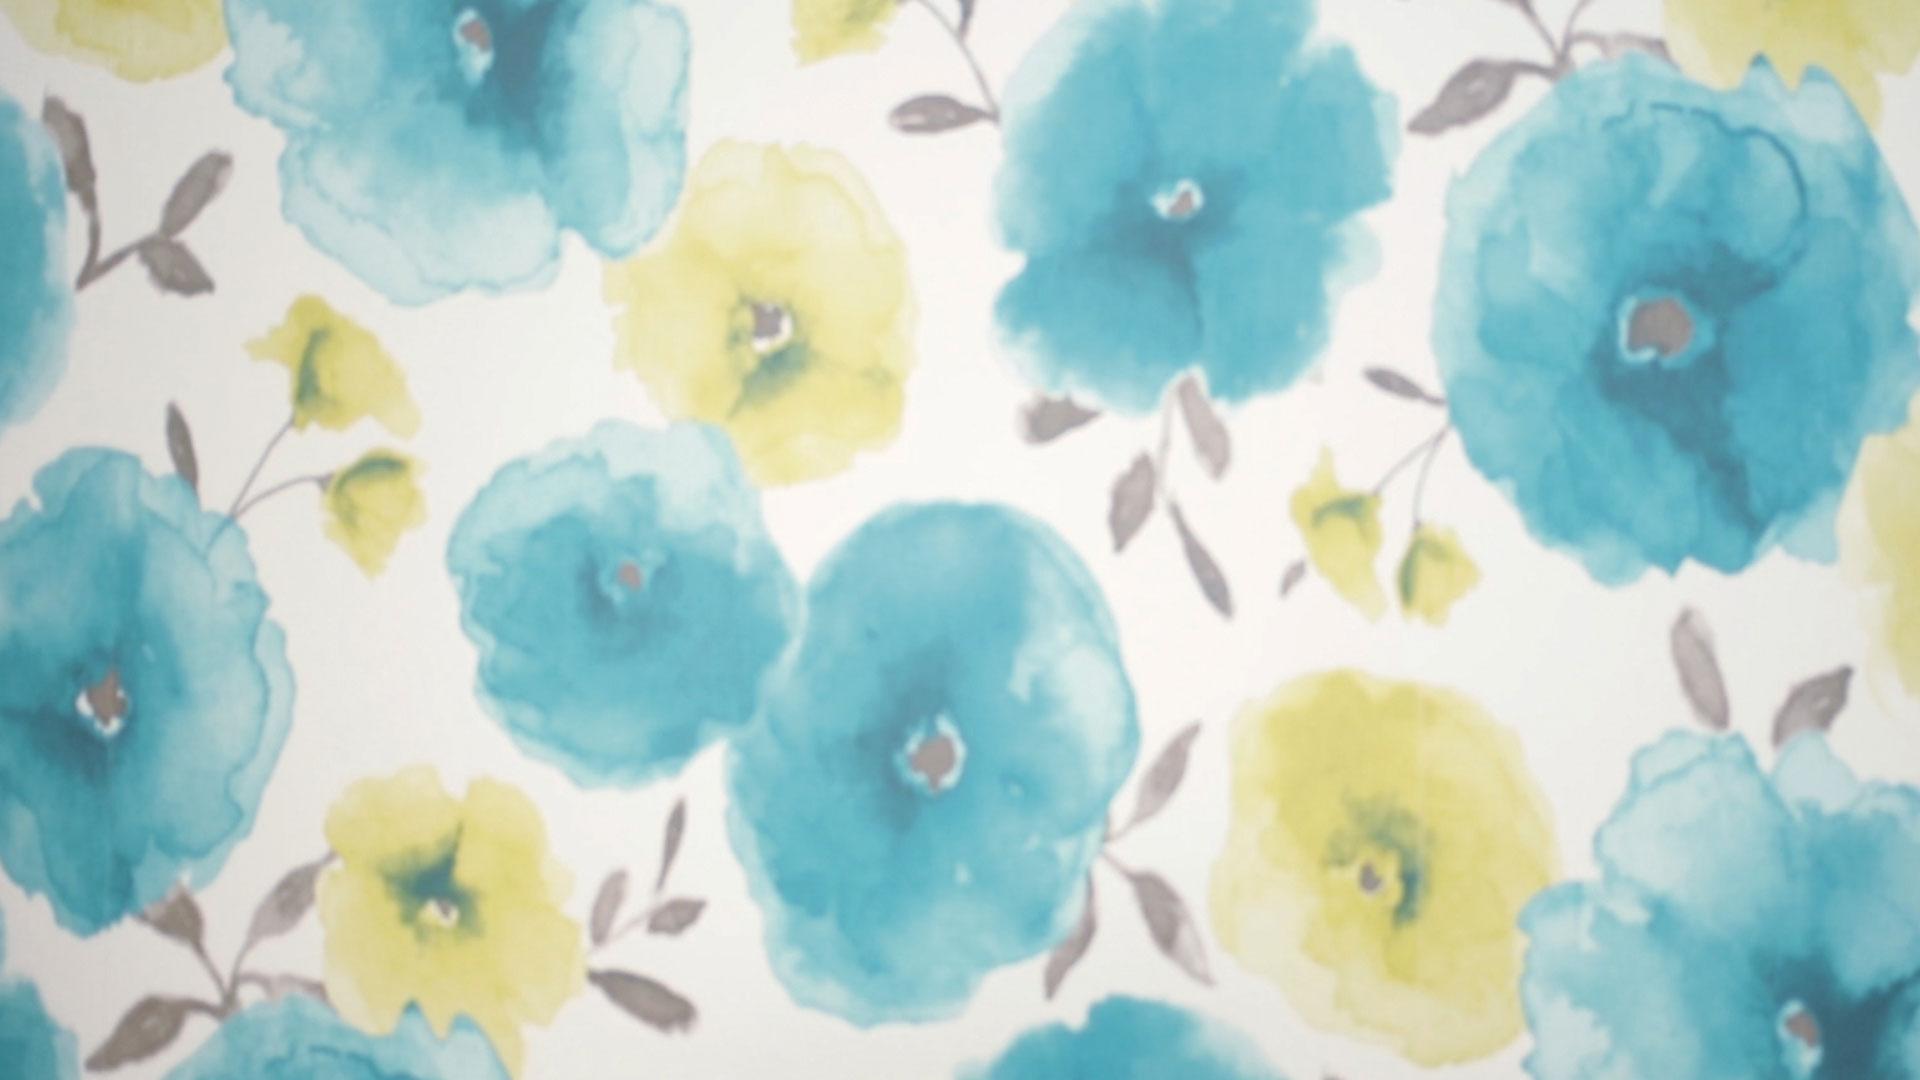 Vidéo de présentation de Cleany par Mardi Bleu – Agence de communication – photo & vidéo